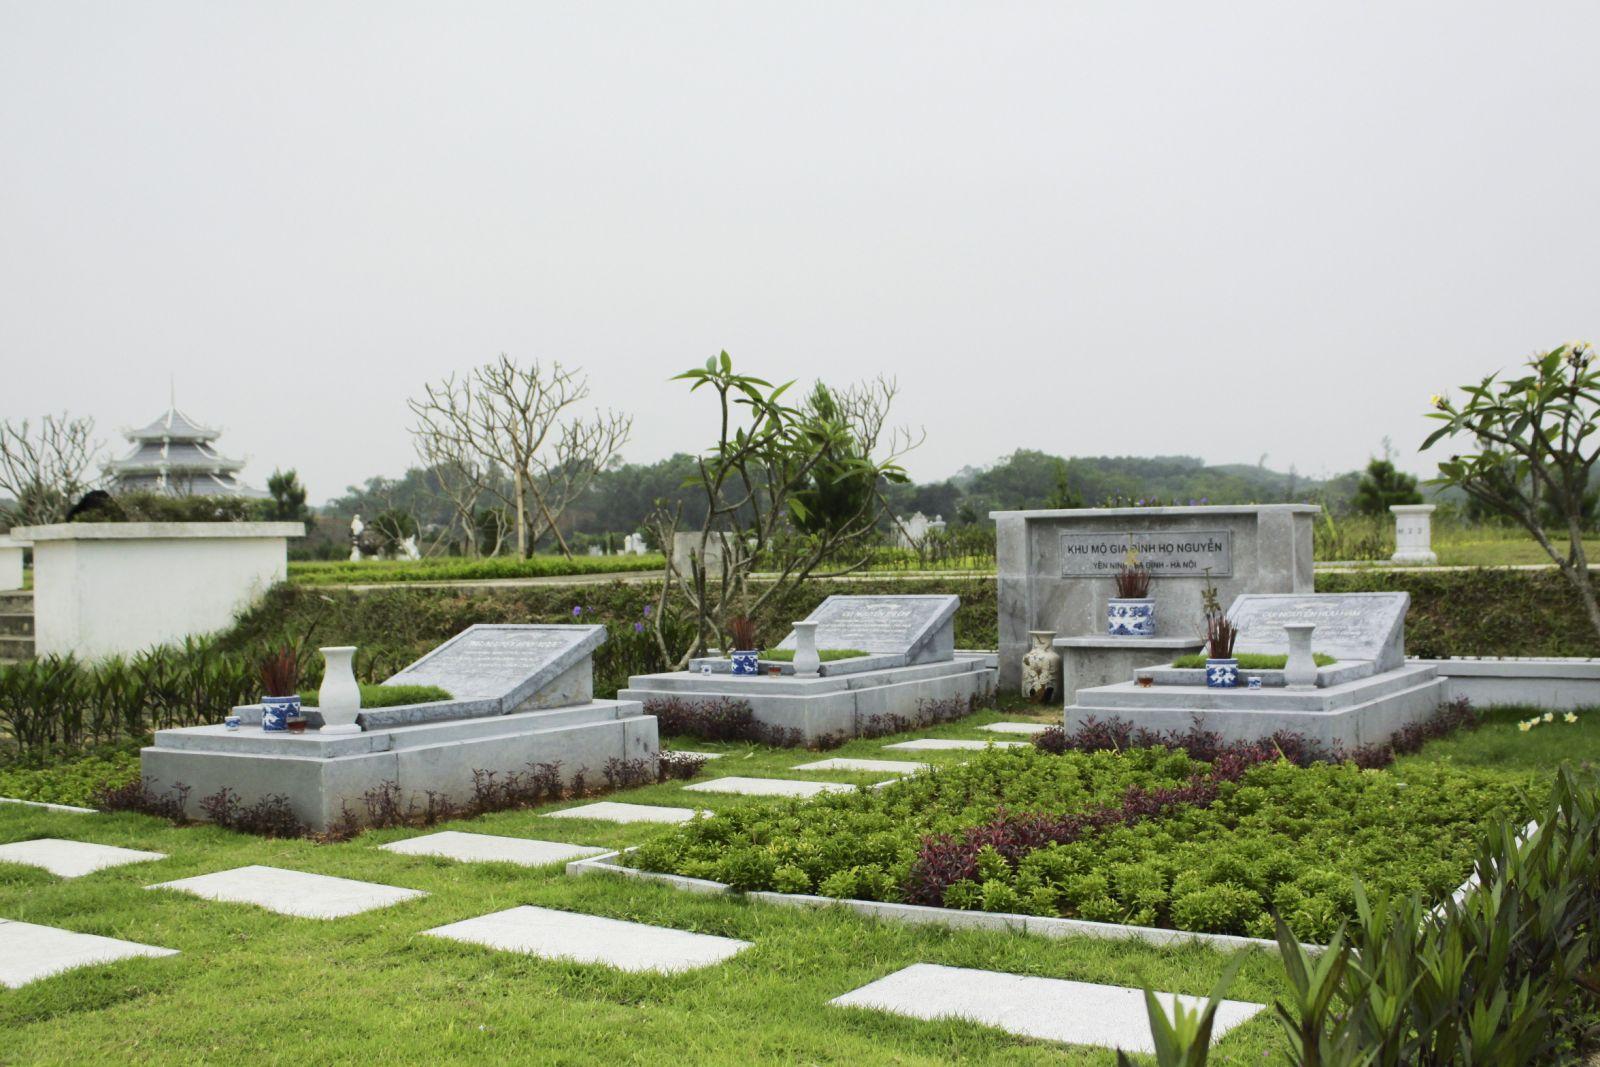 Khuôn viên mộ phần gia đình nhỏ - nghĩa trang Thiên Đức